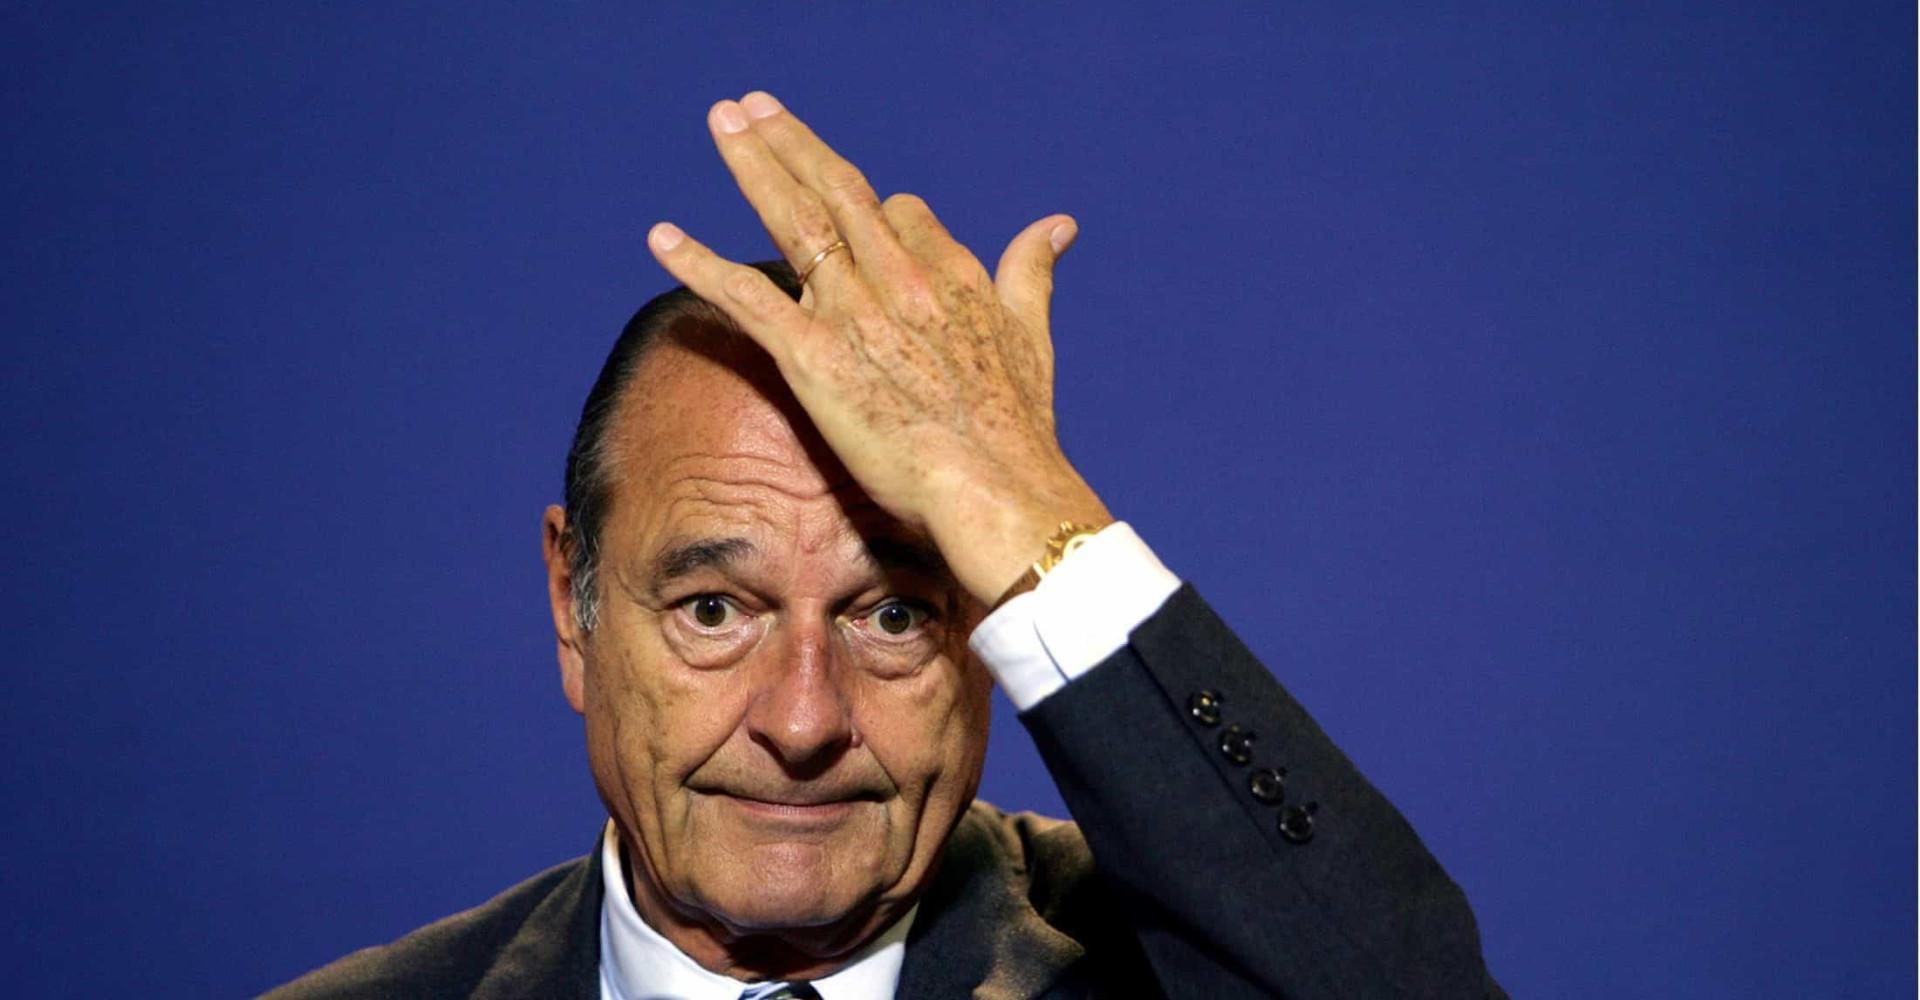 Les inoubliables punchlines de Jacques Chirac